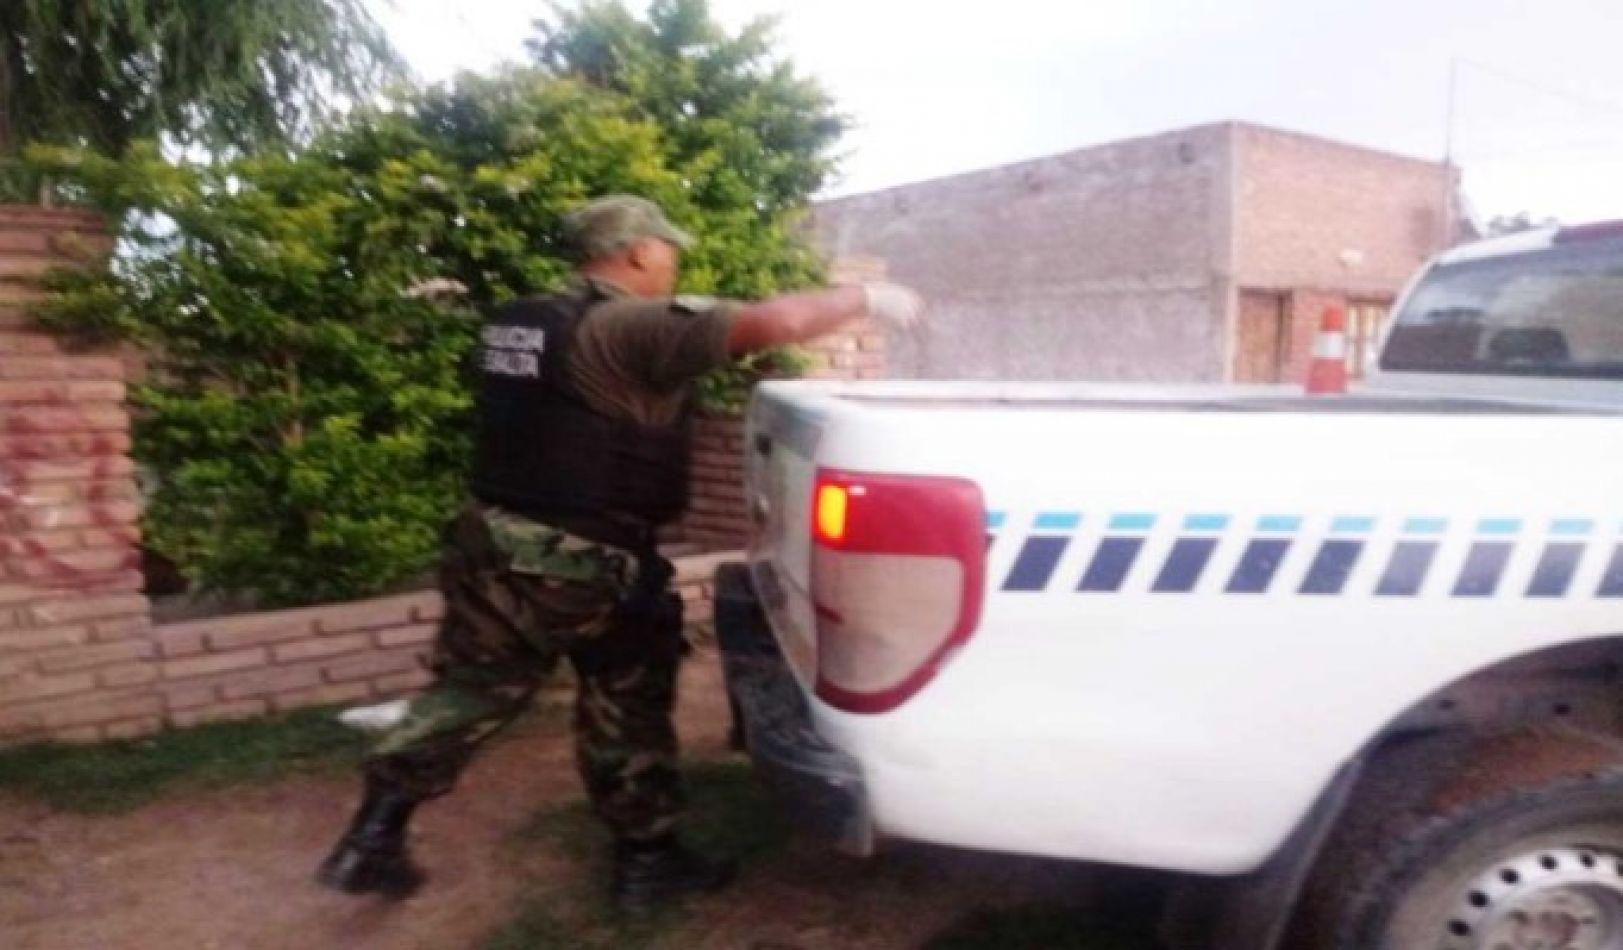 Con ganchos y cuchillos: así cayó el cuatrero más buscado de Joaquín V. González